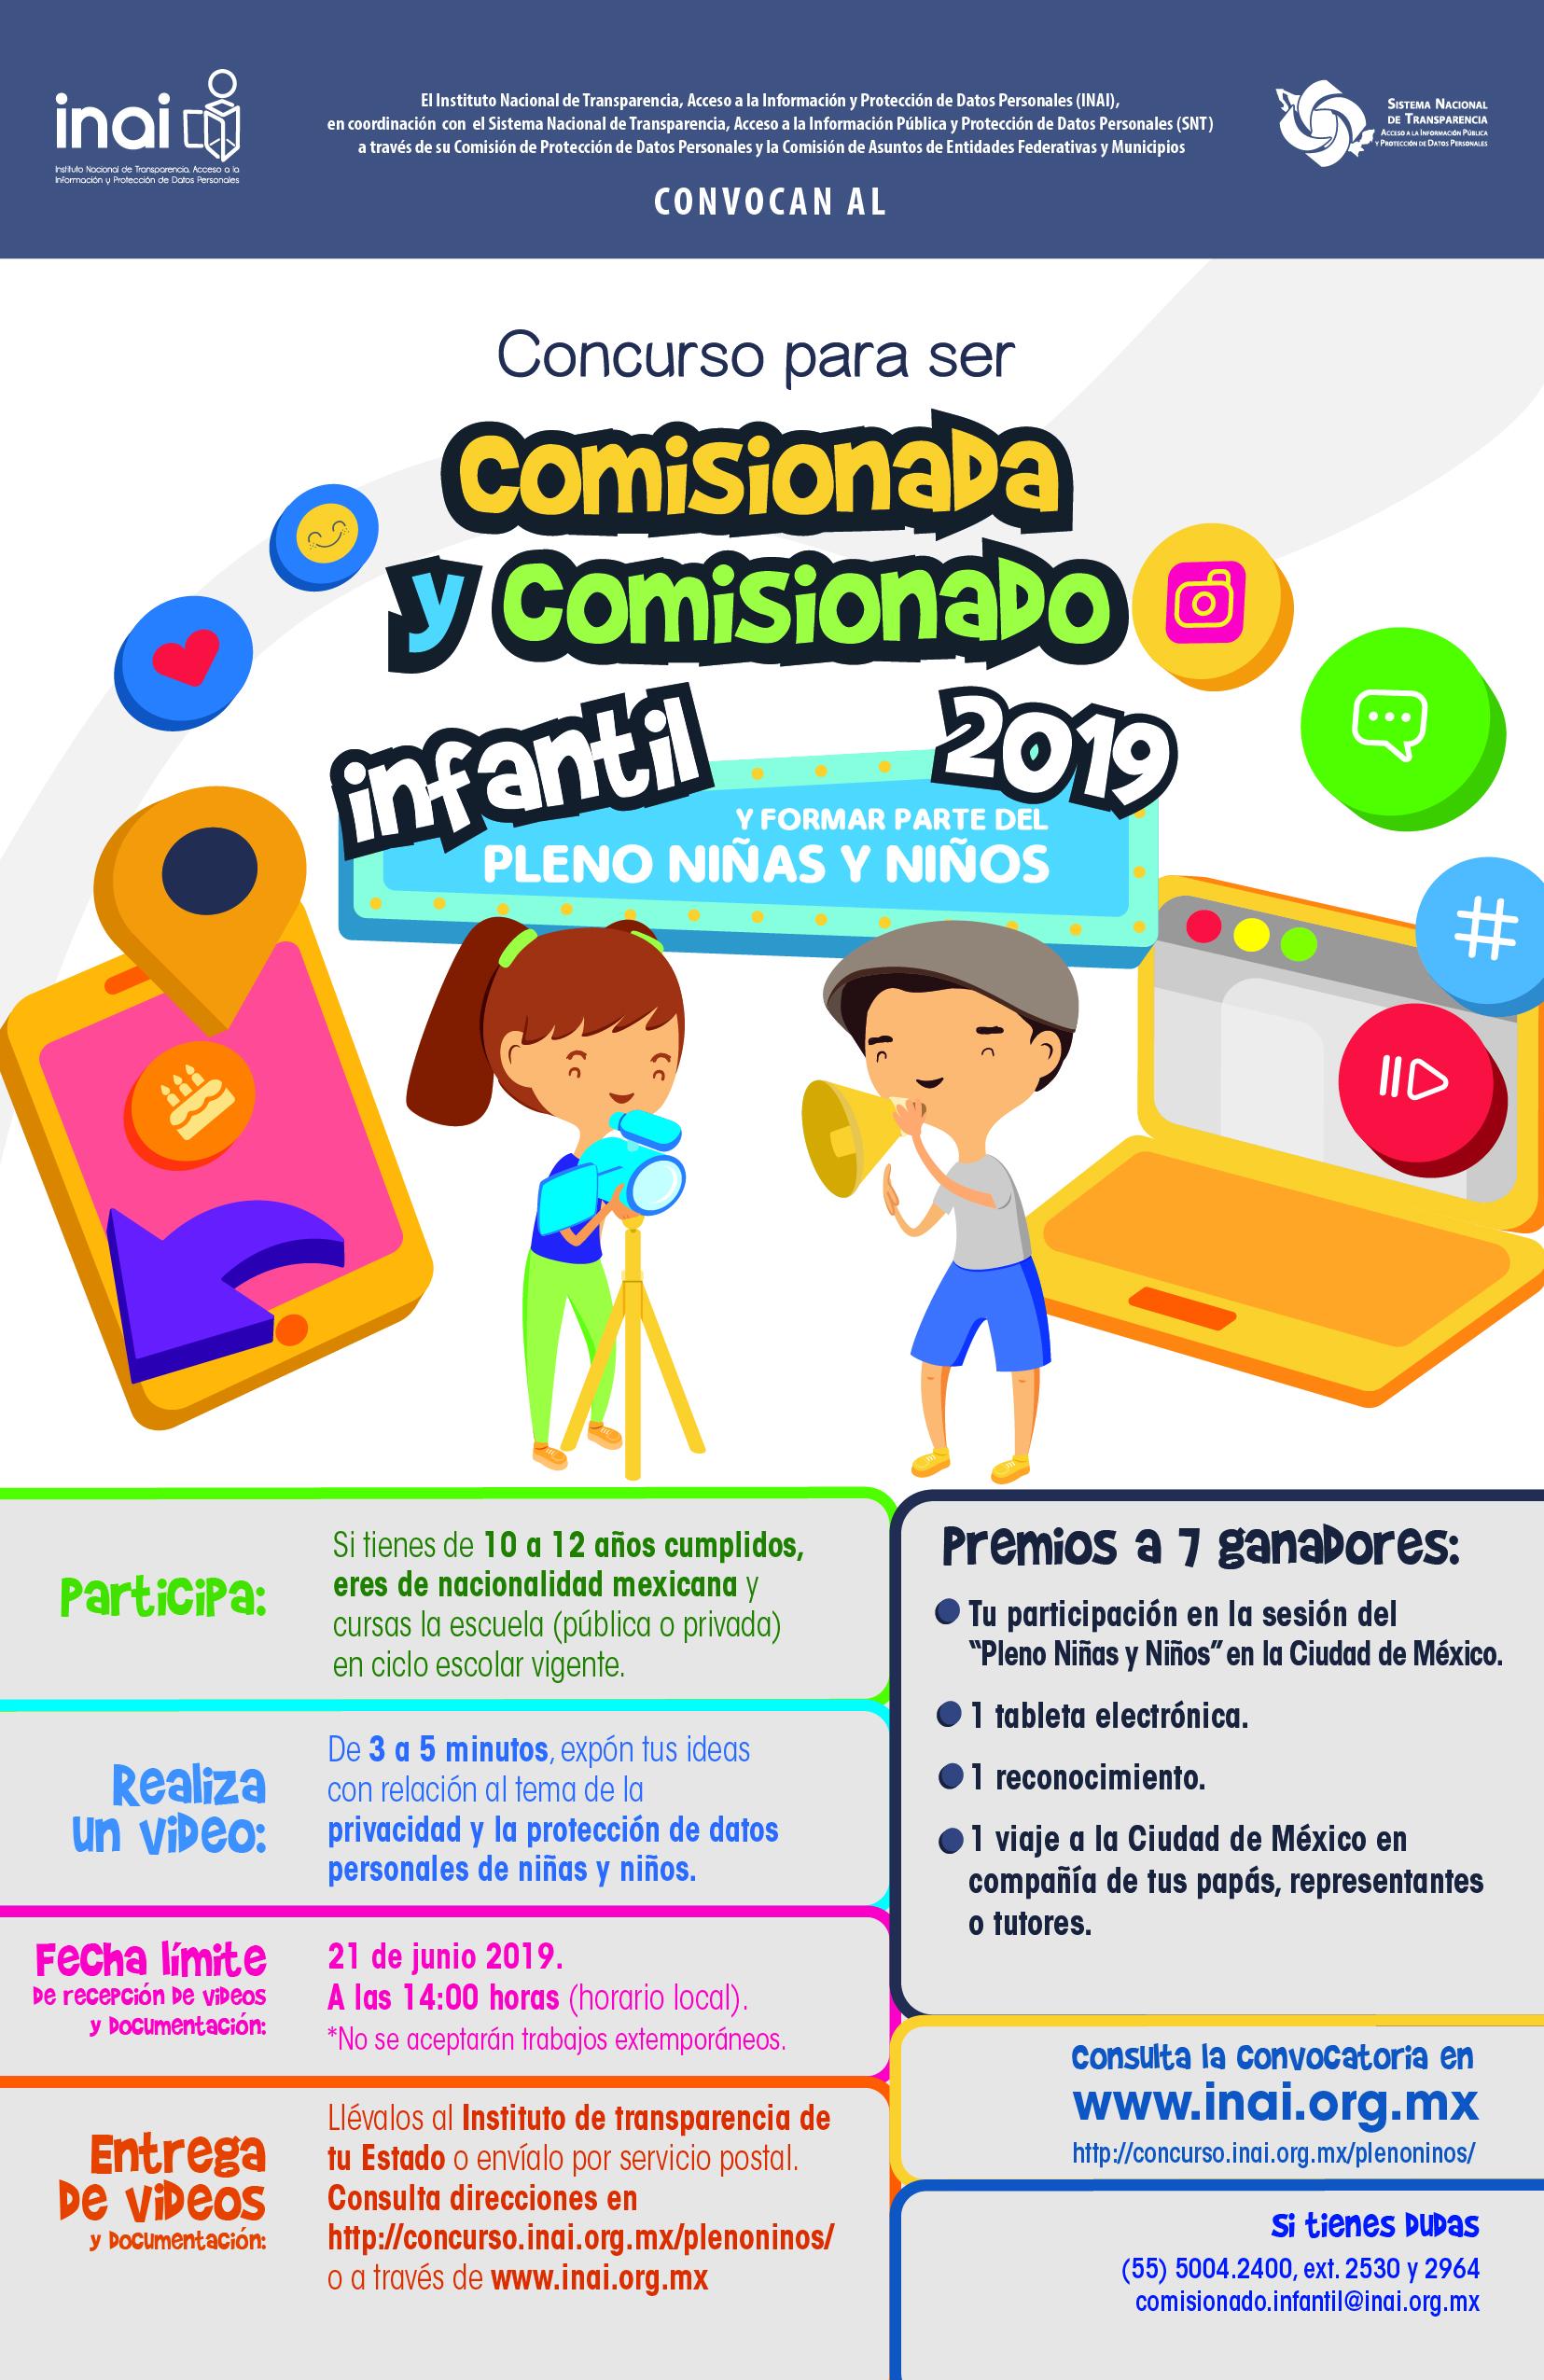 3. Concurso para ser Comisionada y Comisionado Infantil 2019_Volante Fond Blanco (1)